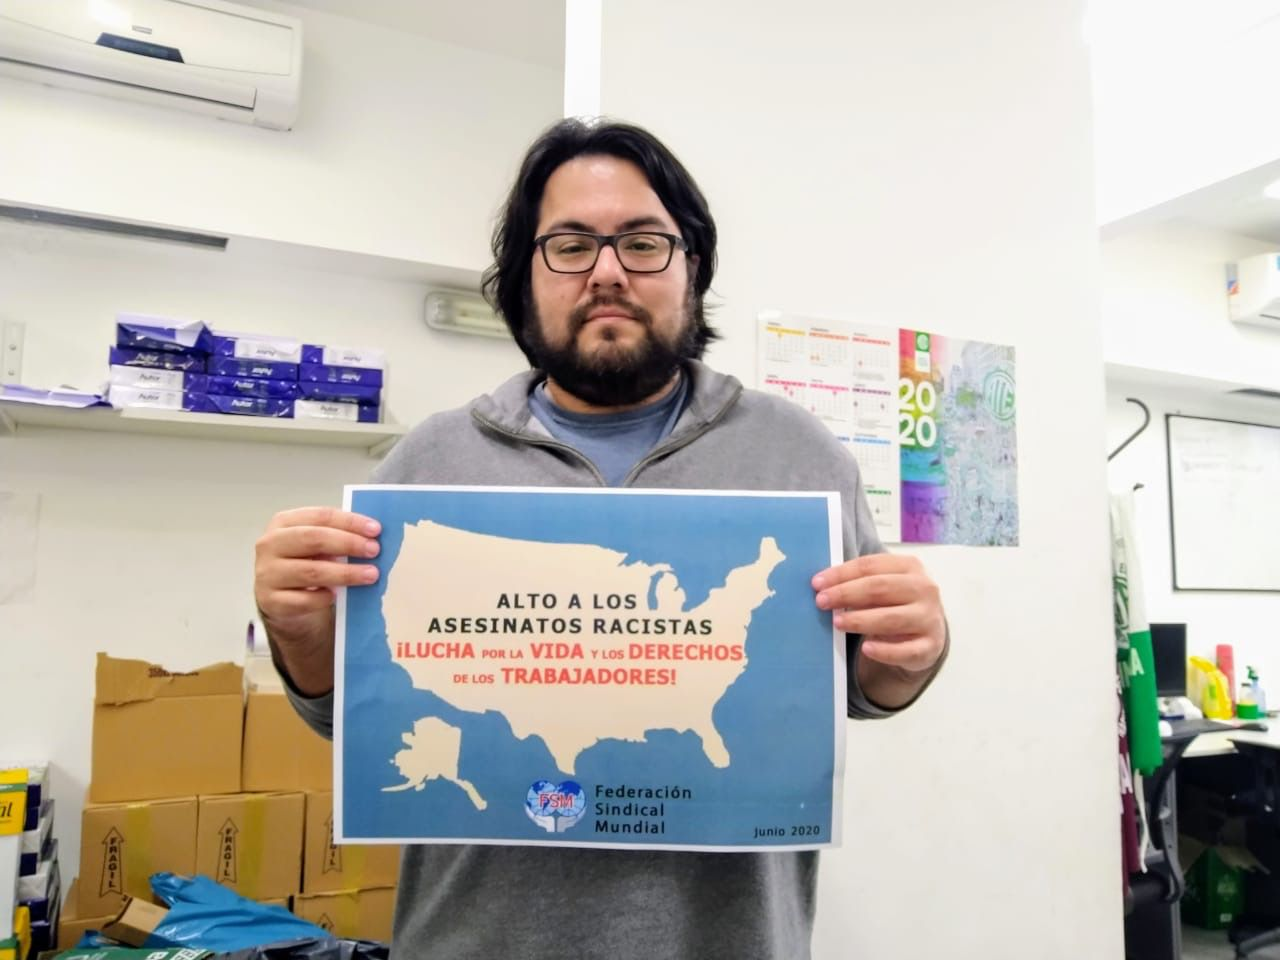 source : http://www.wftucentral.org/photos-du-monde-entier-pour-la-campagne-fsm-en-solidarite-avec-le-peuple-etasunien-en-lutte/?lang=fr